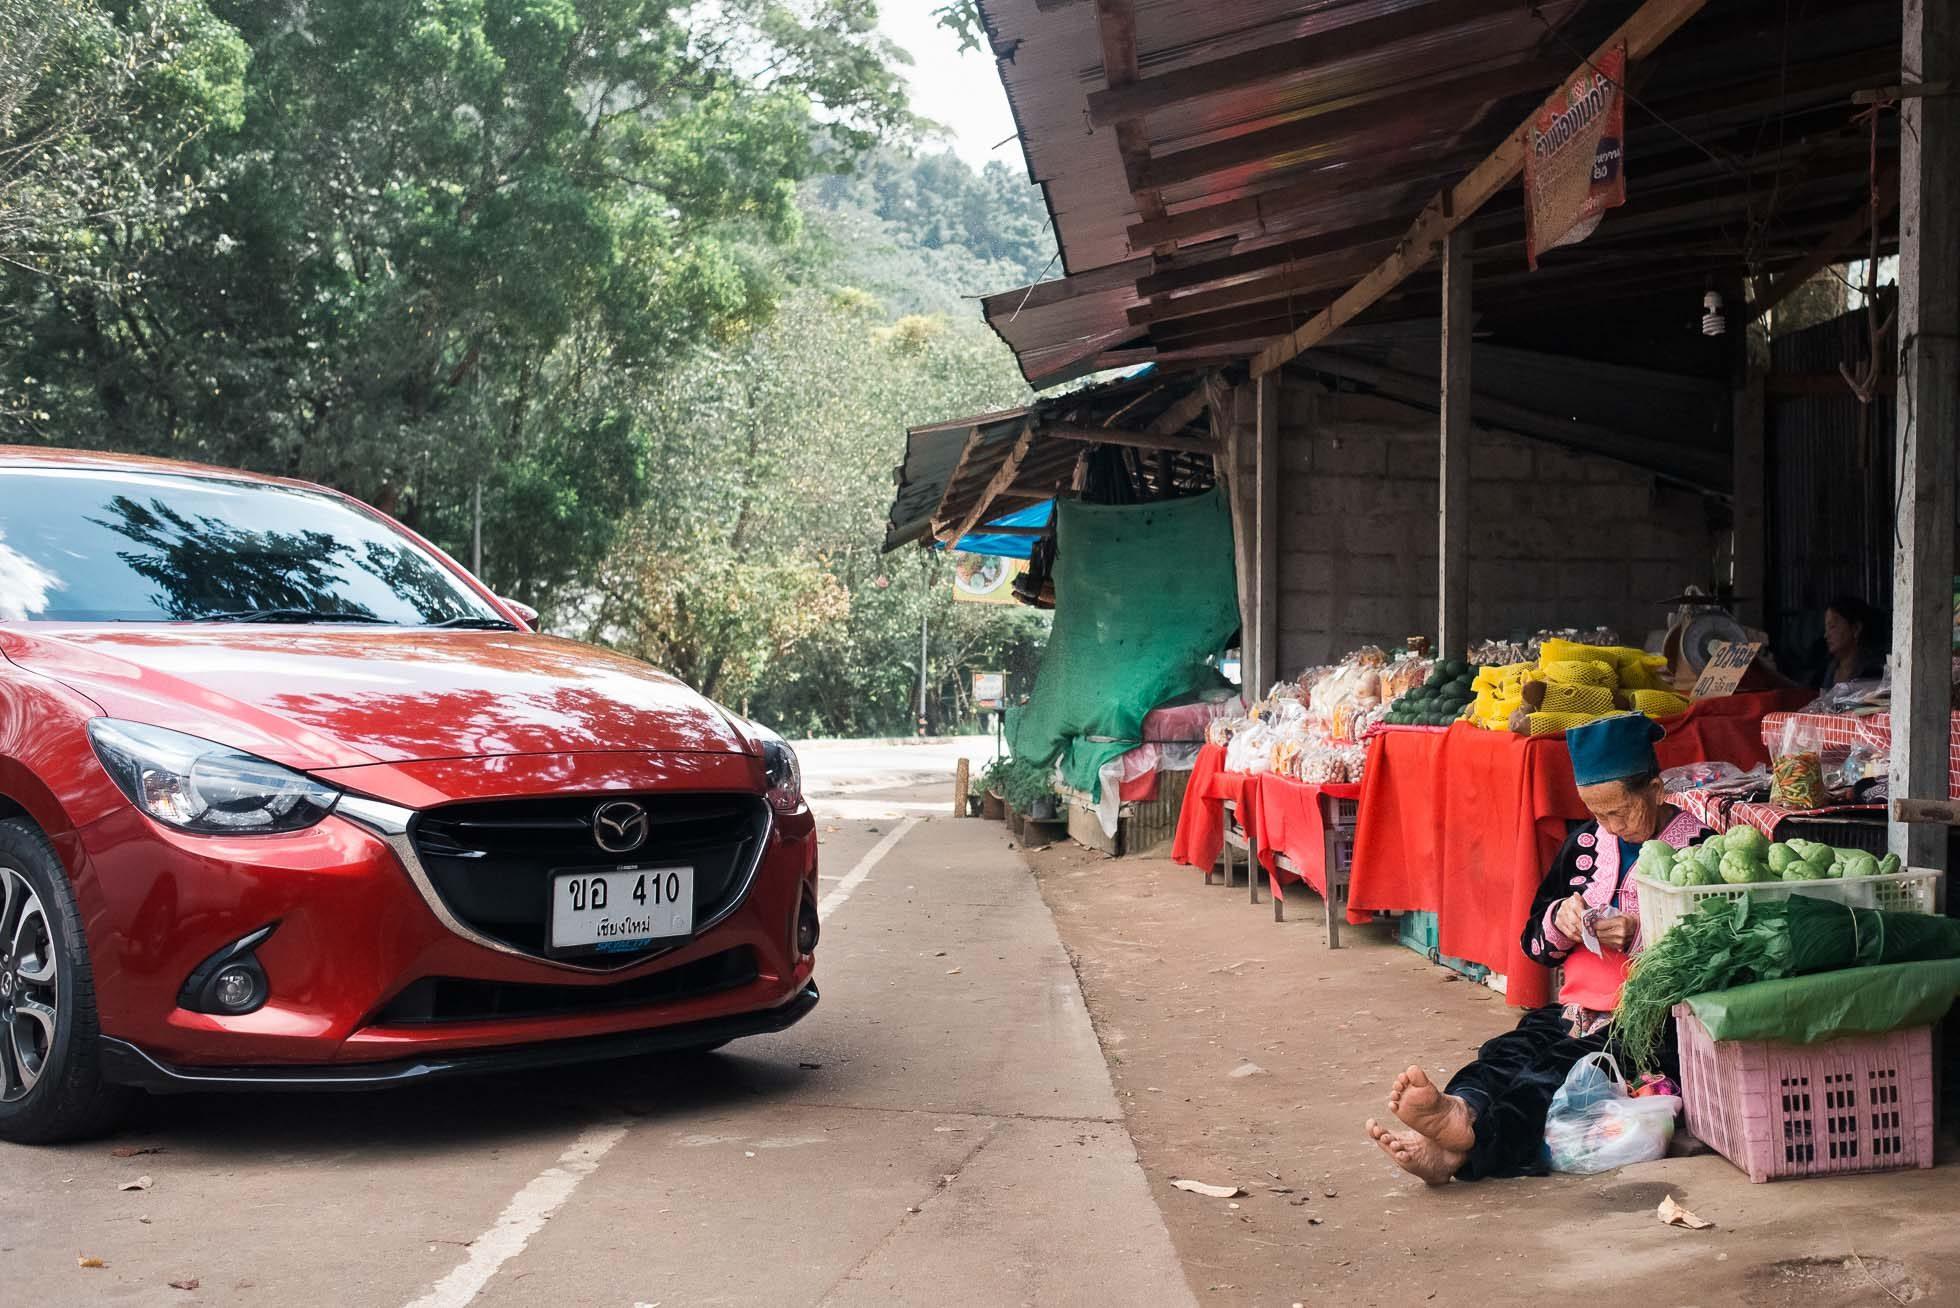 elderly-karen-hill-tribe-woman-handicraft-thailand-market-red-car